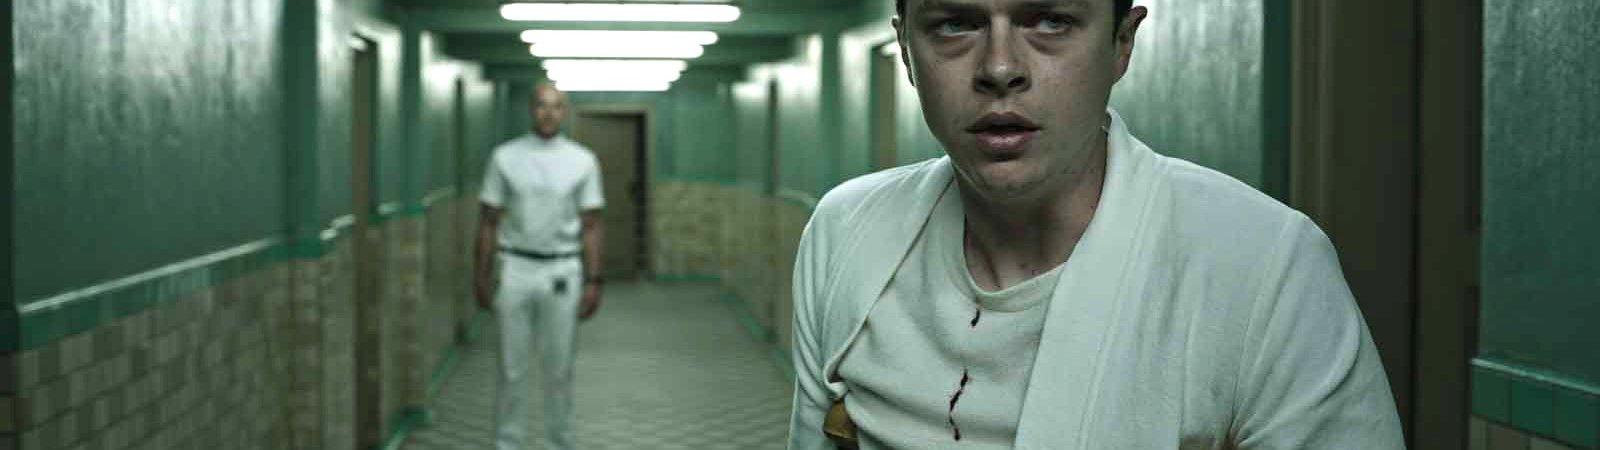 Photo dernier film Gore Verbinski